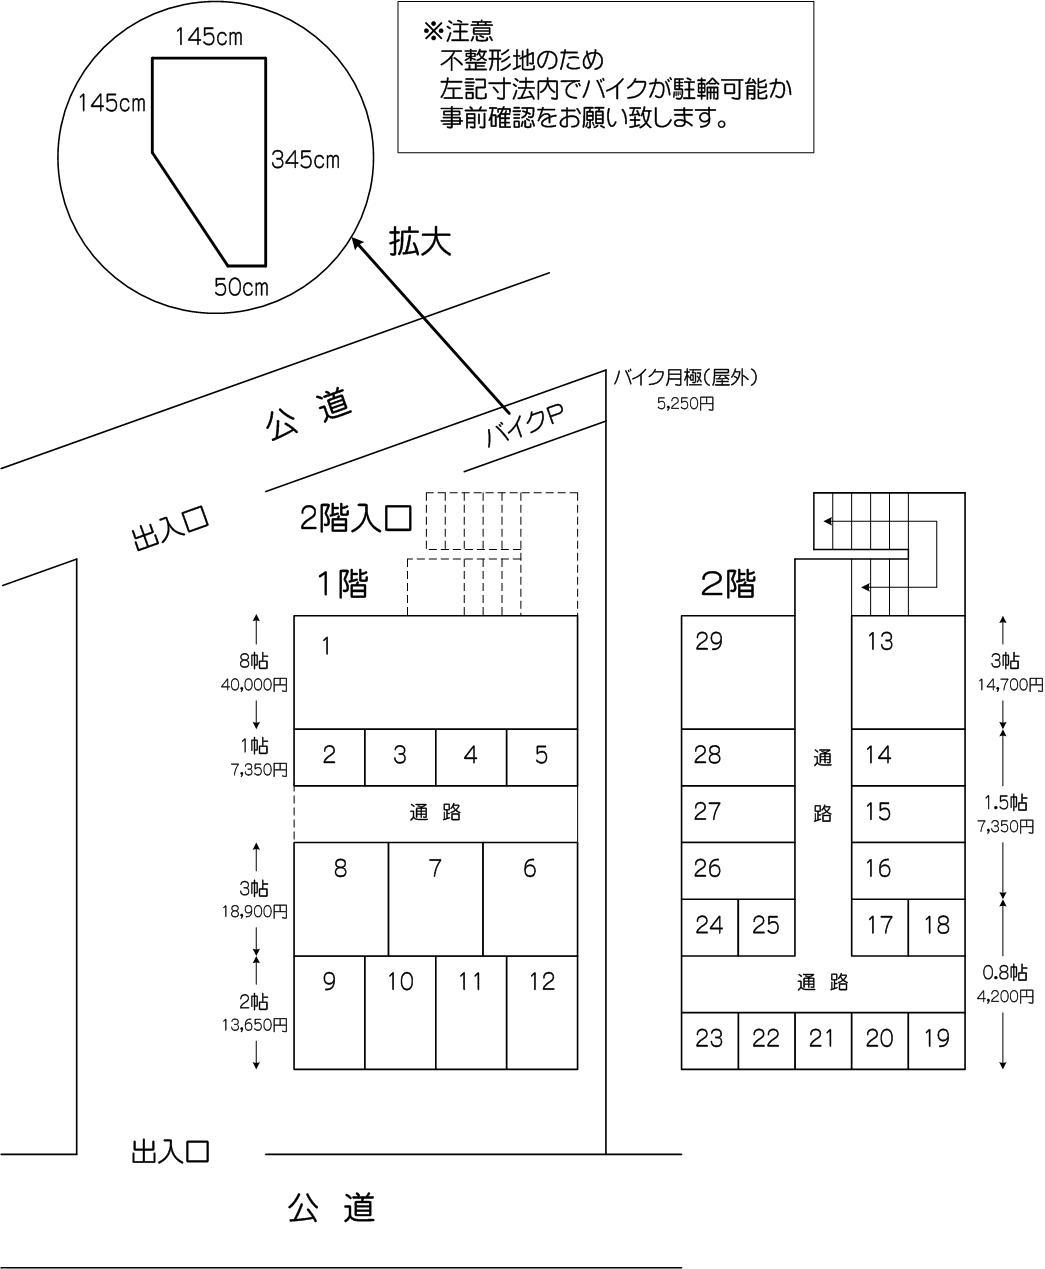 下戸田ロッキンハウス店の配置図